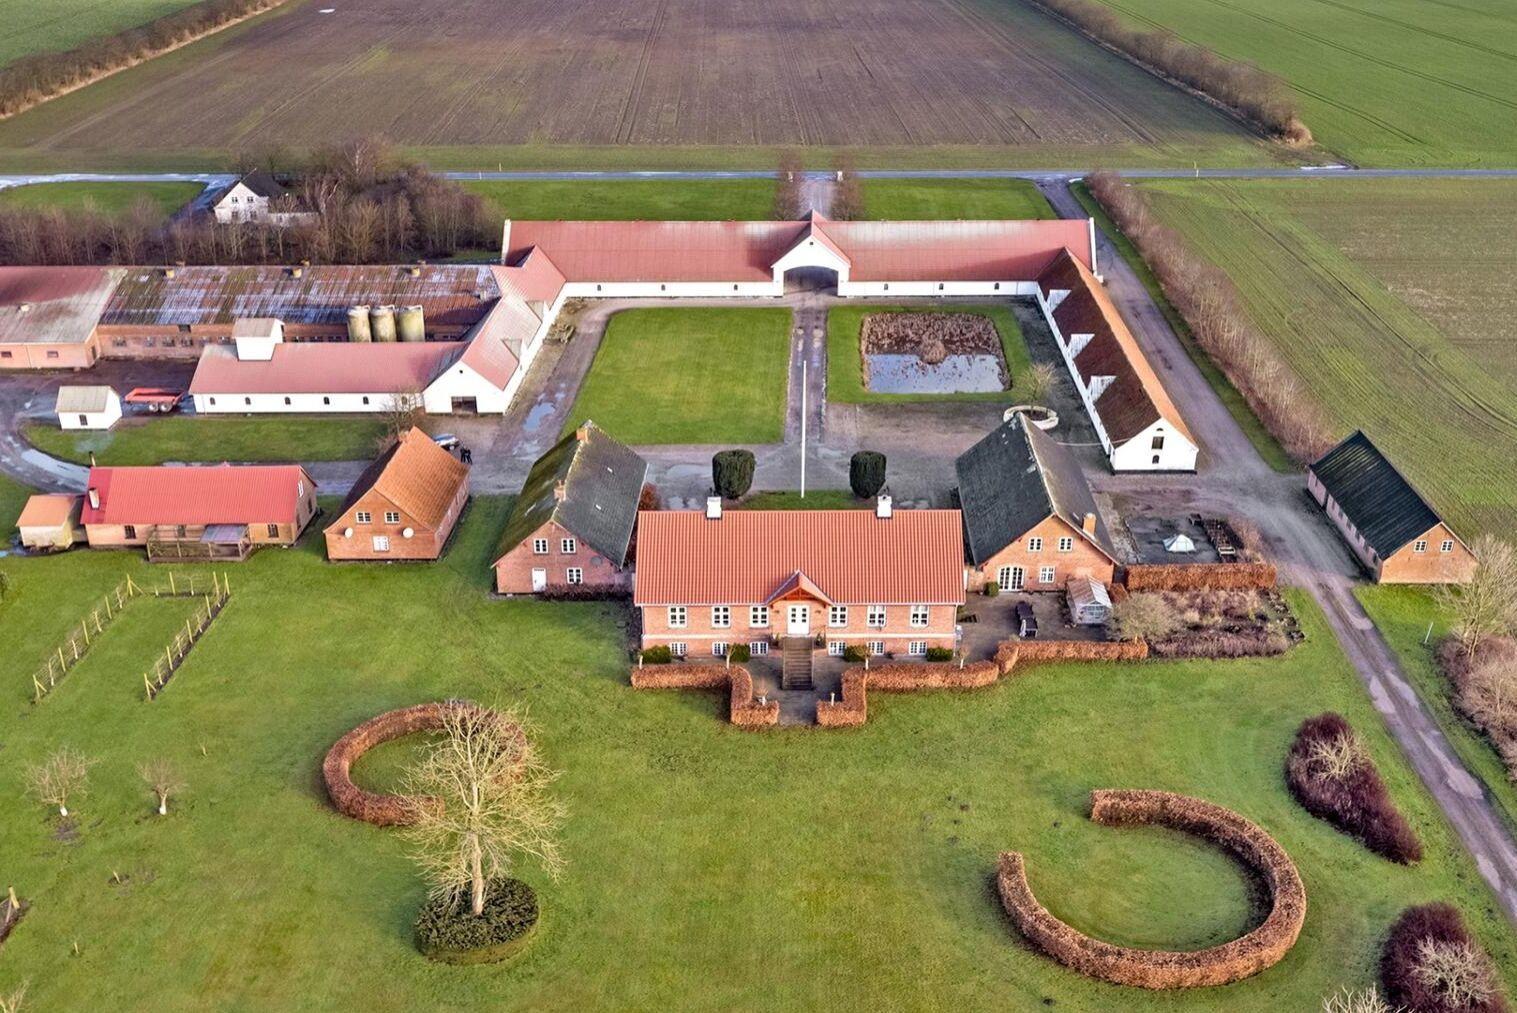 Grisanläggningen på 6300 kvadratmeter är byggd 2007 och har plats för 1700 suggor.